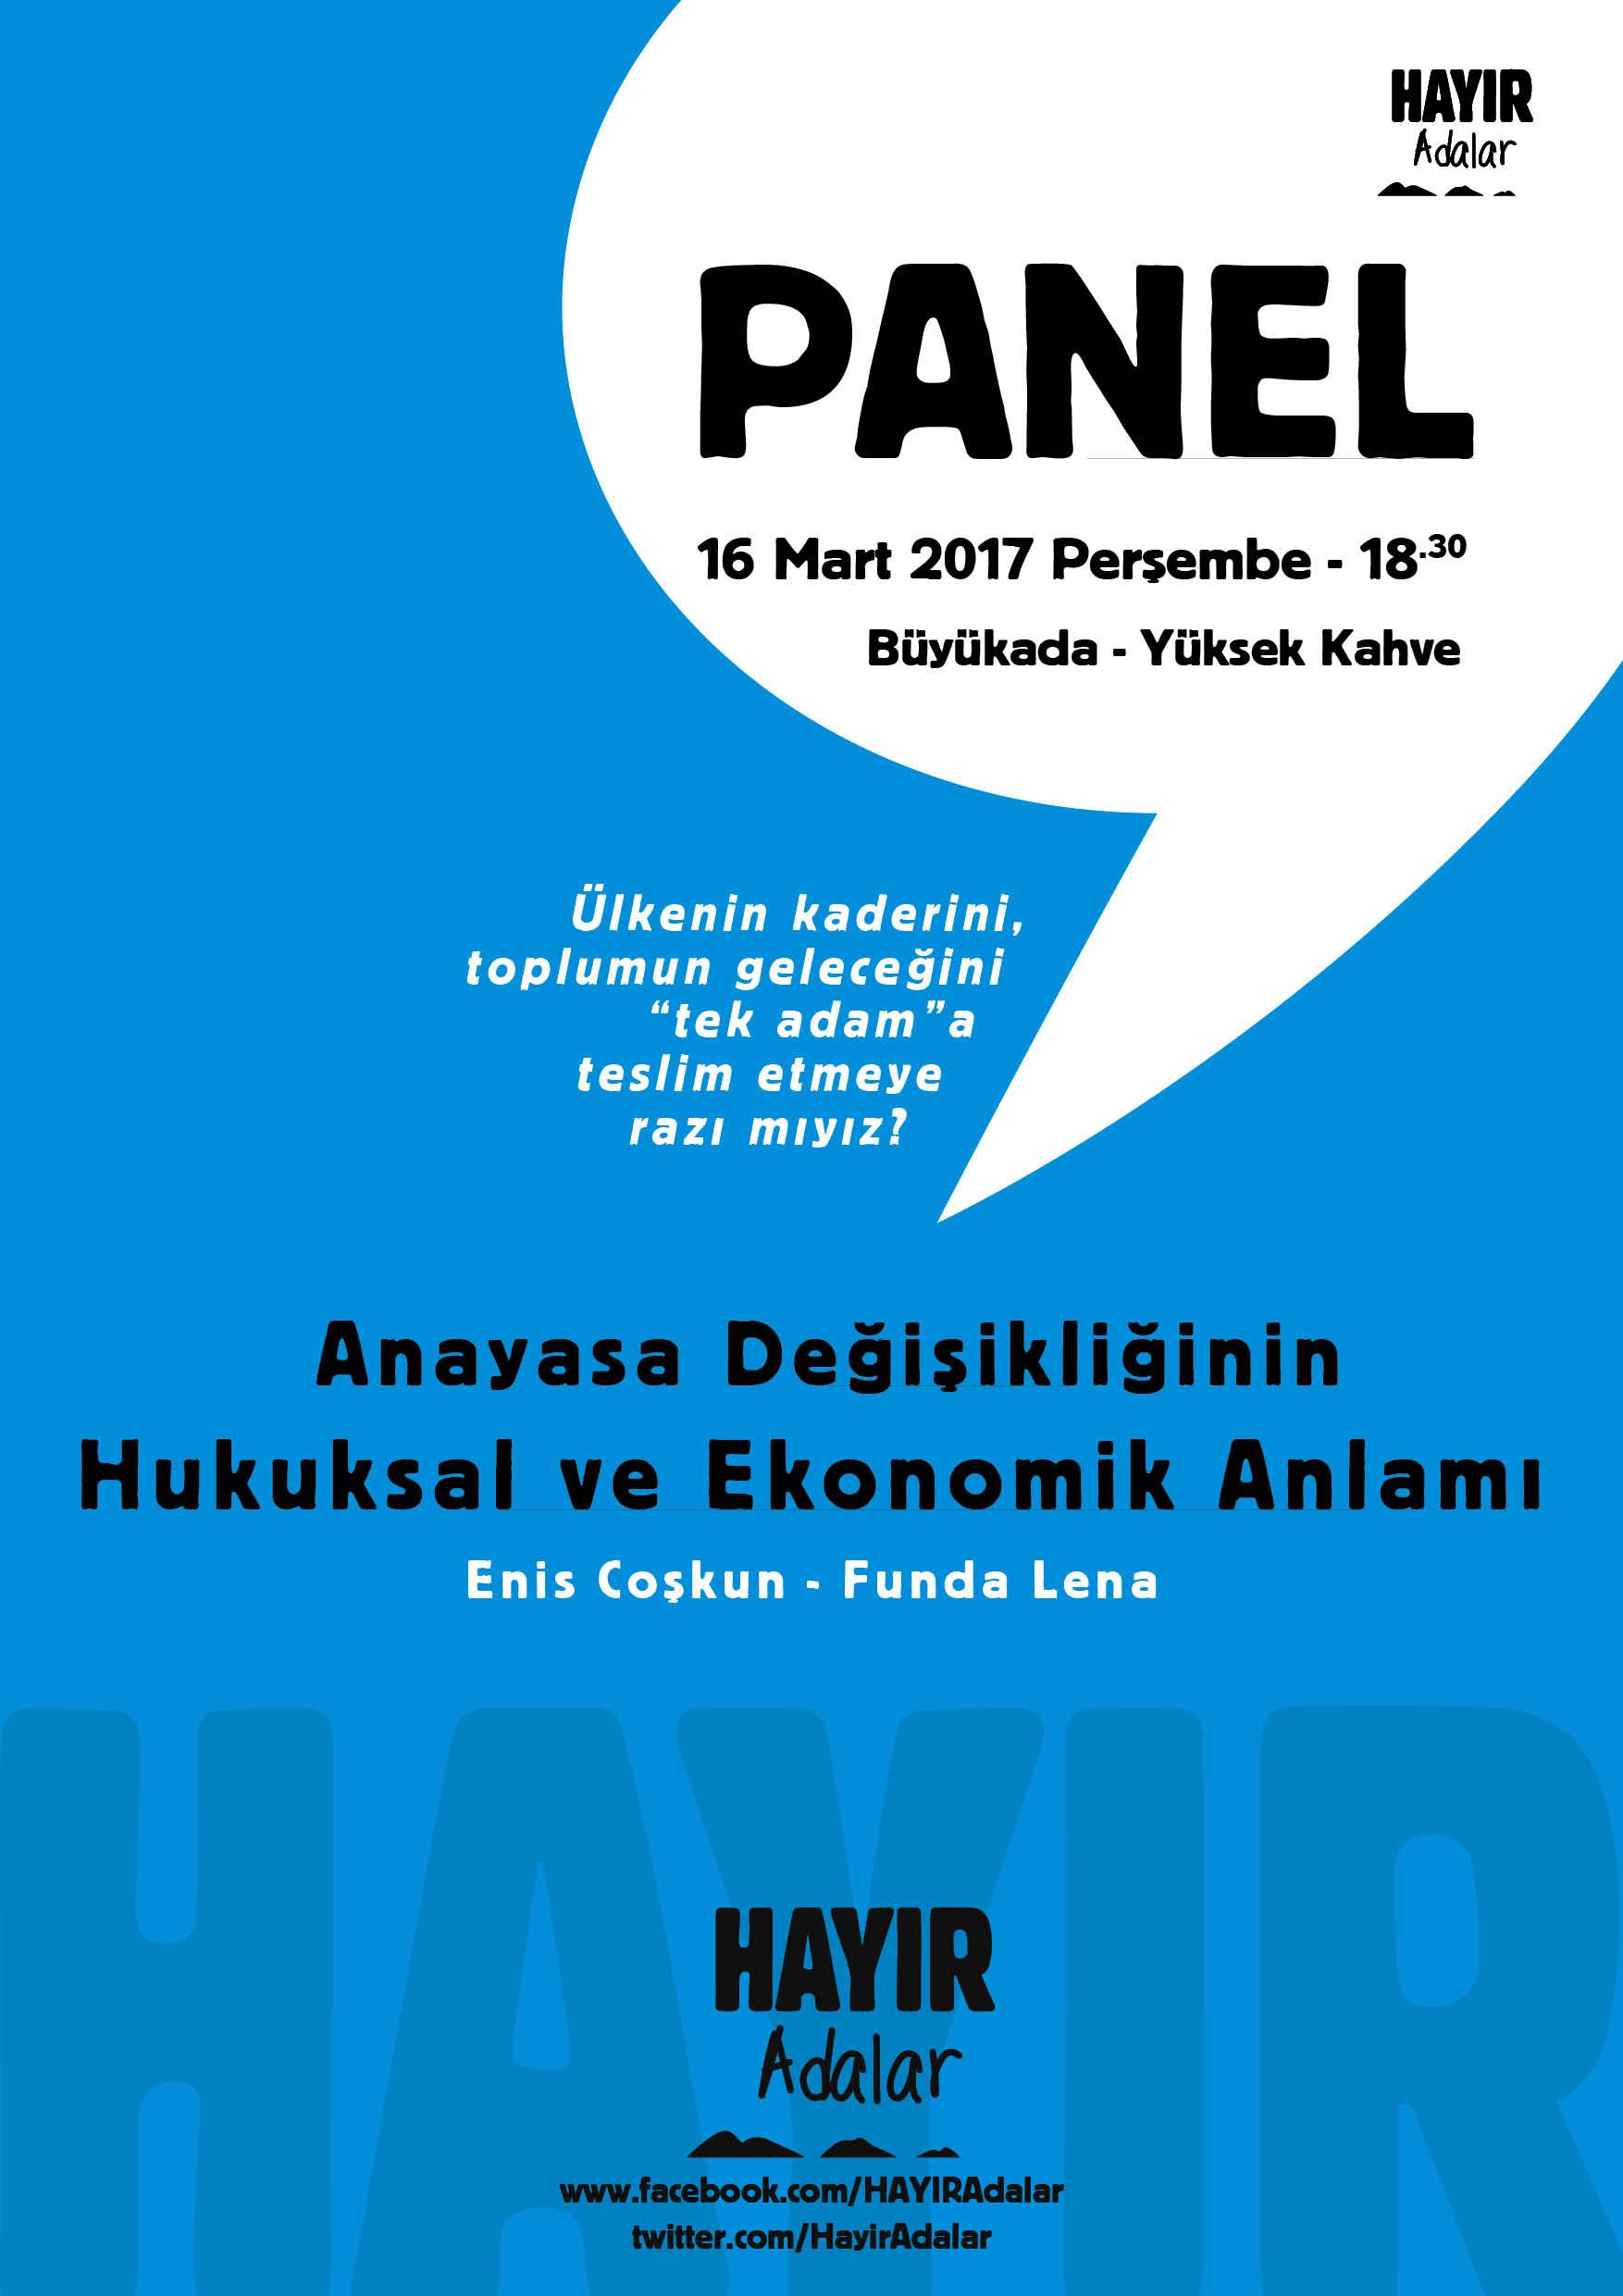 panel1-kopya